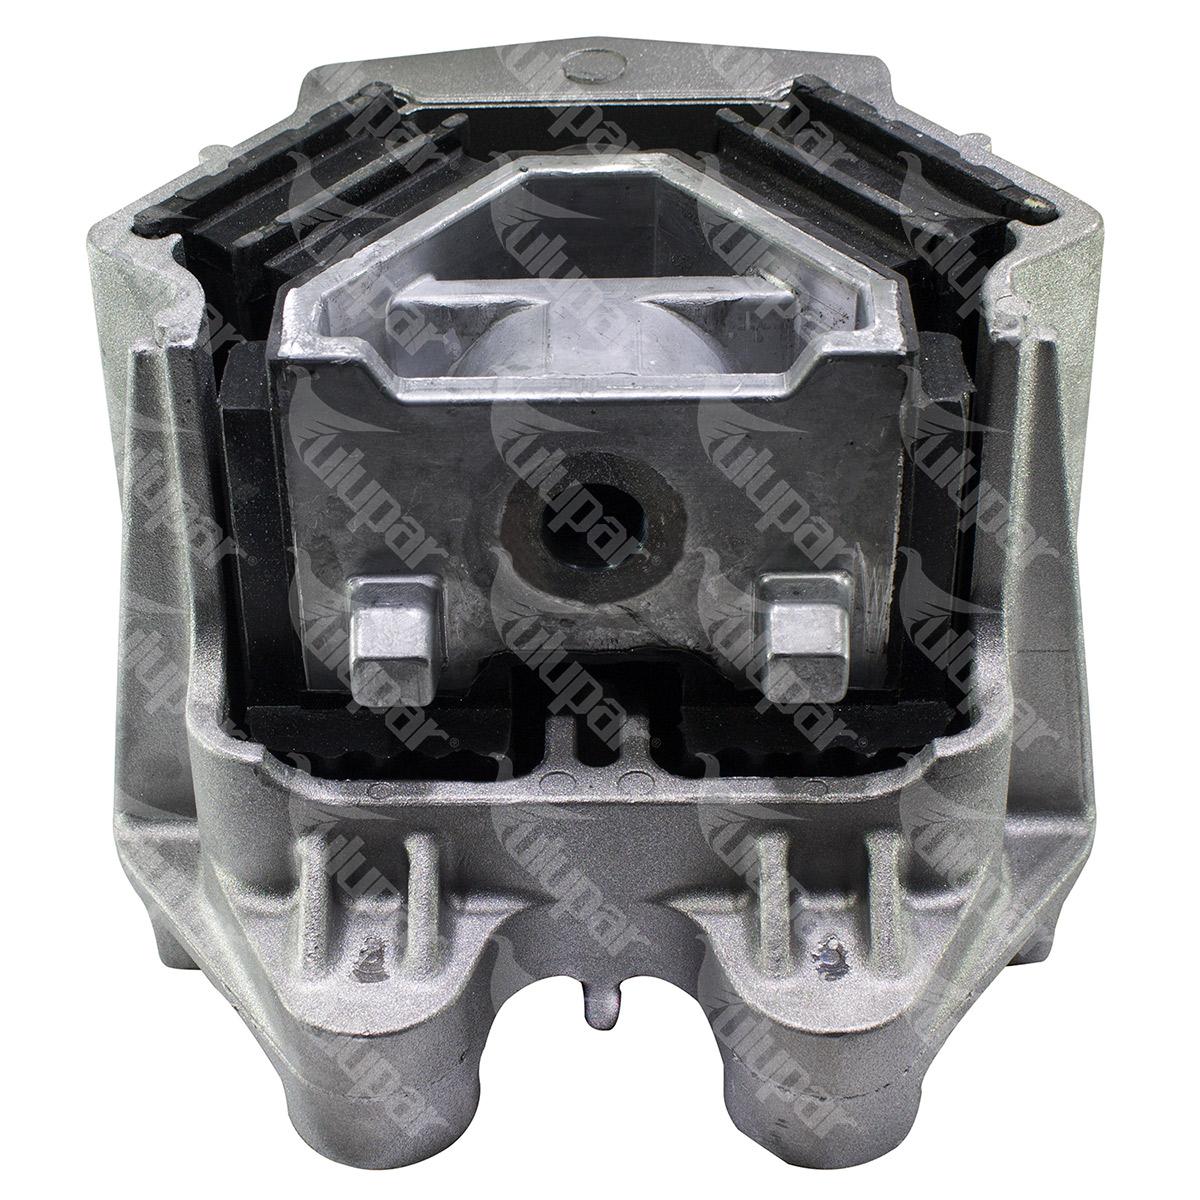 20102066044 - Support de moteur